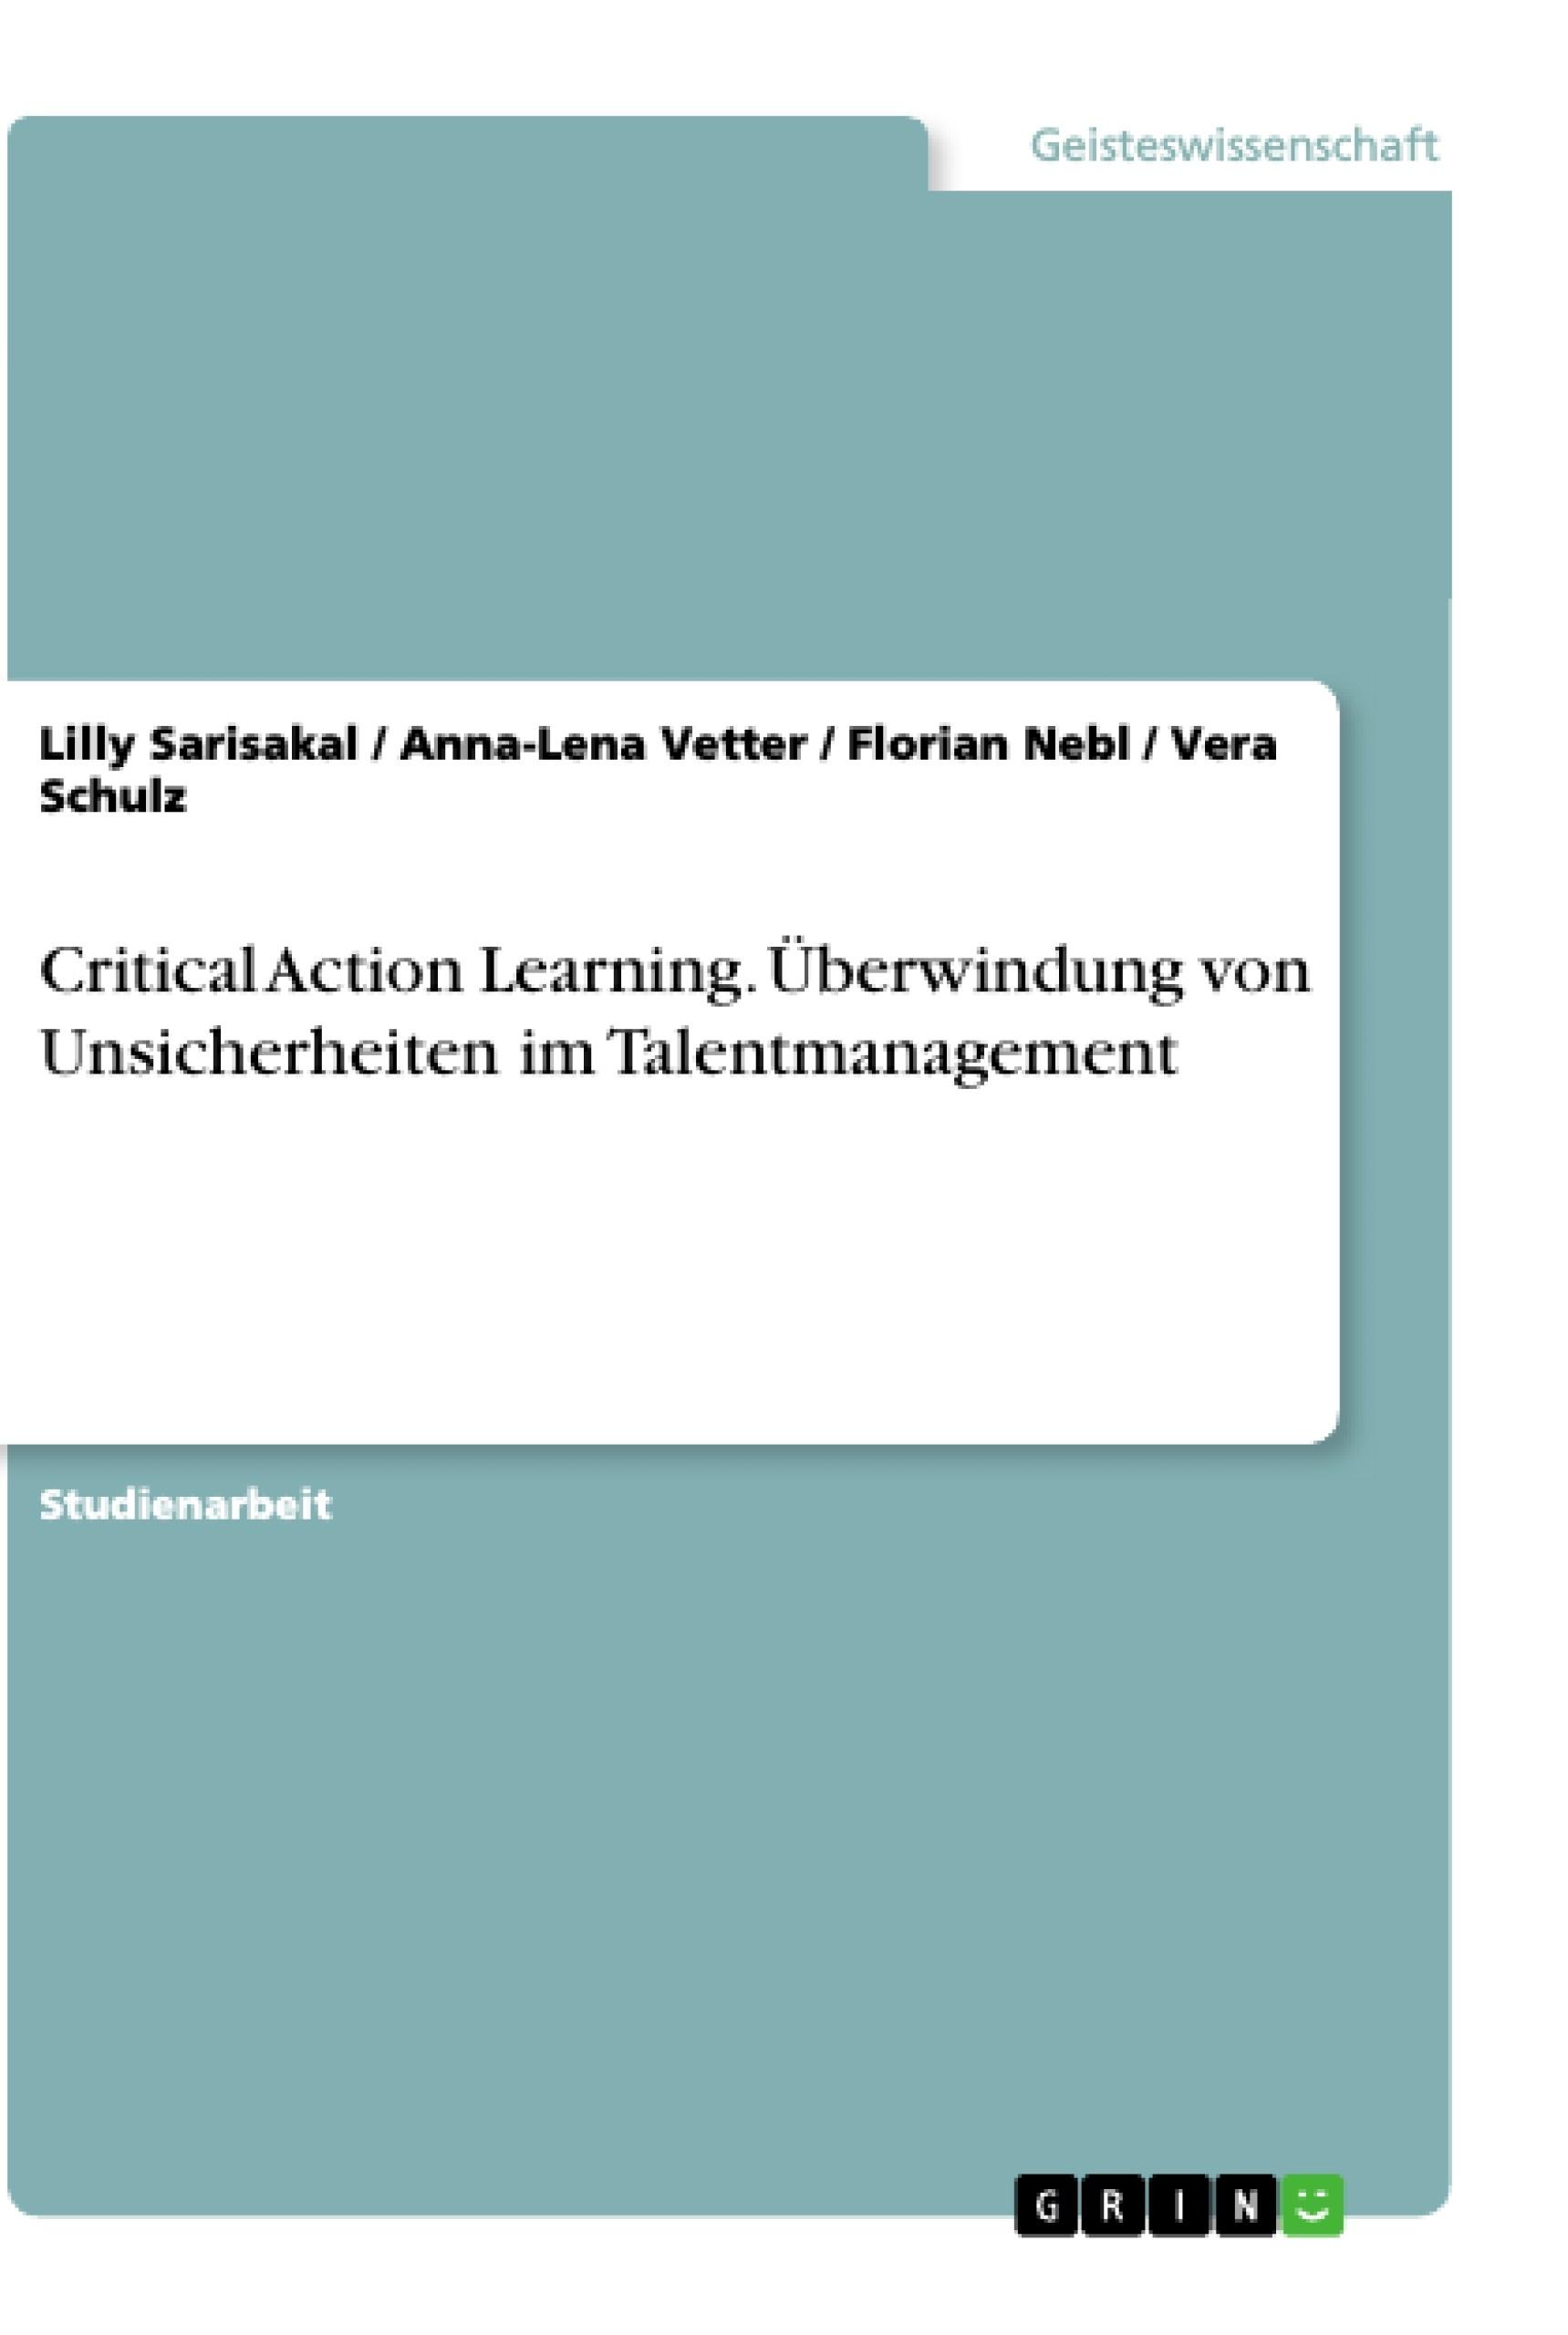 Titel: Critical Action Learning. Überwindung von Unsicherheiten im Talentmanagement